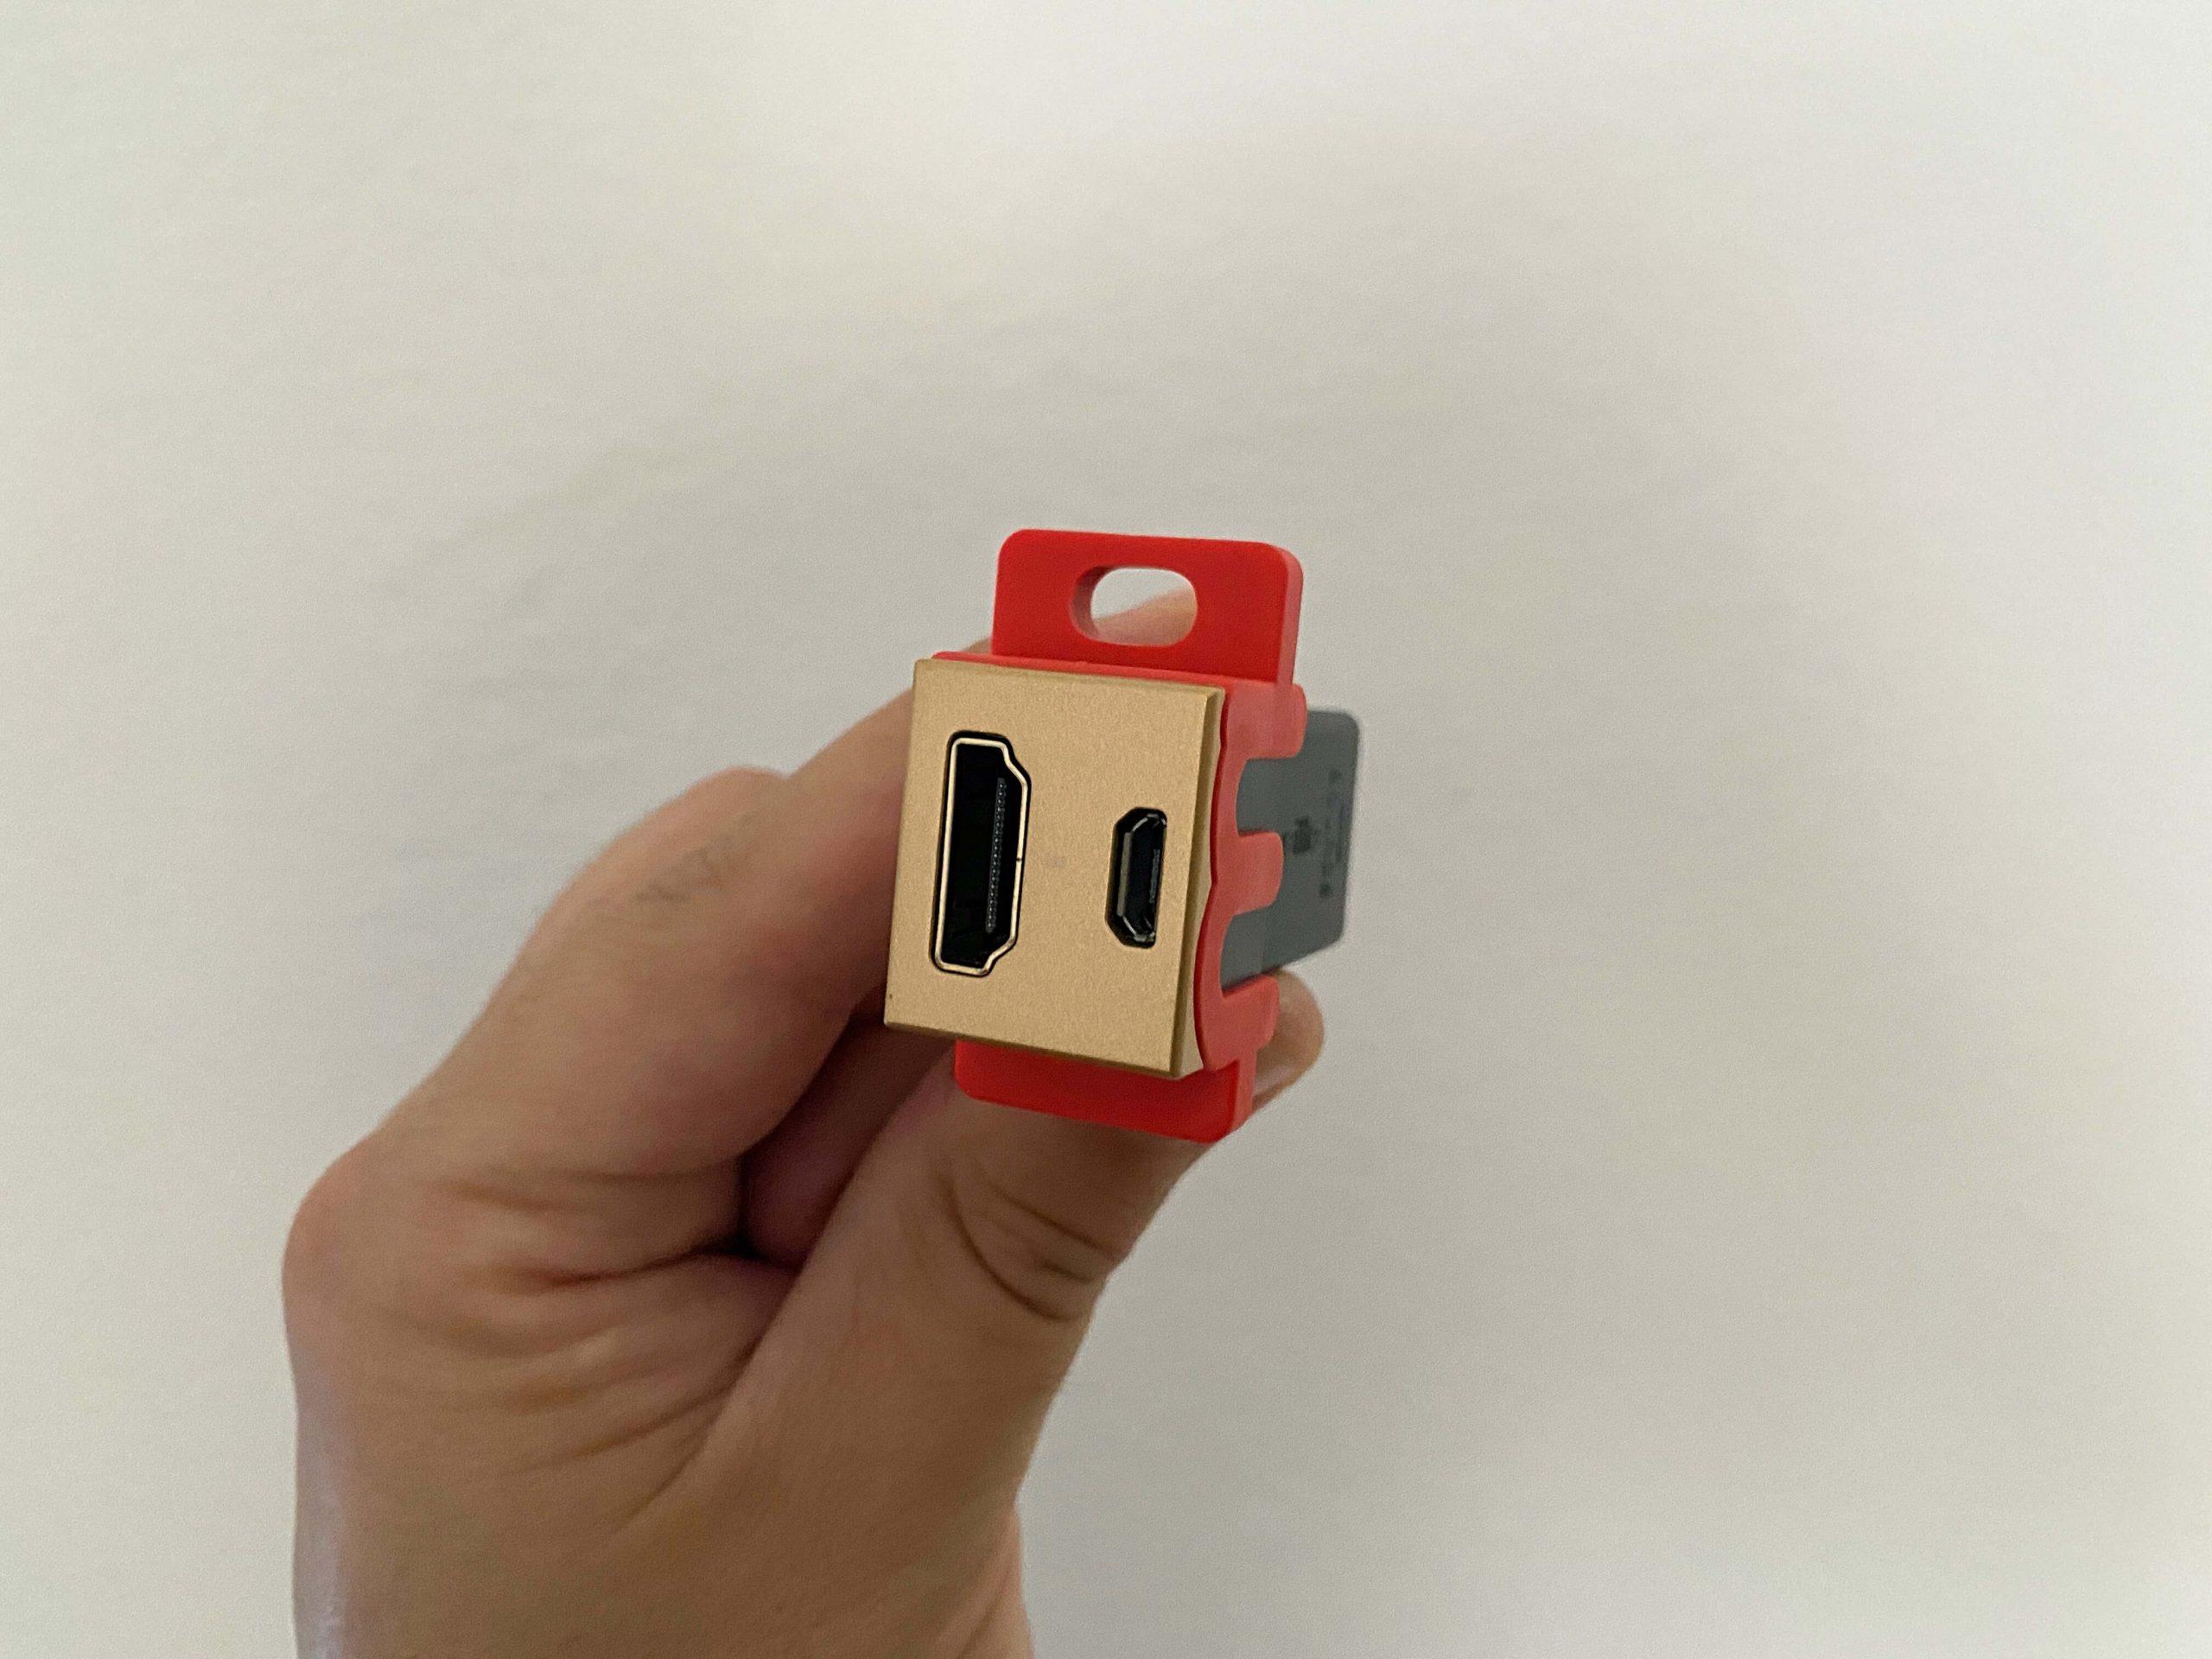 mClassic-HDMI-Upscaler-von-Marseille-mit-der-Nintendo-Switch-in-1440p-zocken4-scaled mClassic von Marseille - mit der Nintendo Switch in 1440p statt 1080p zocken